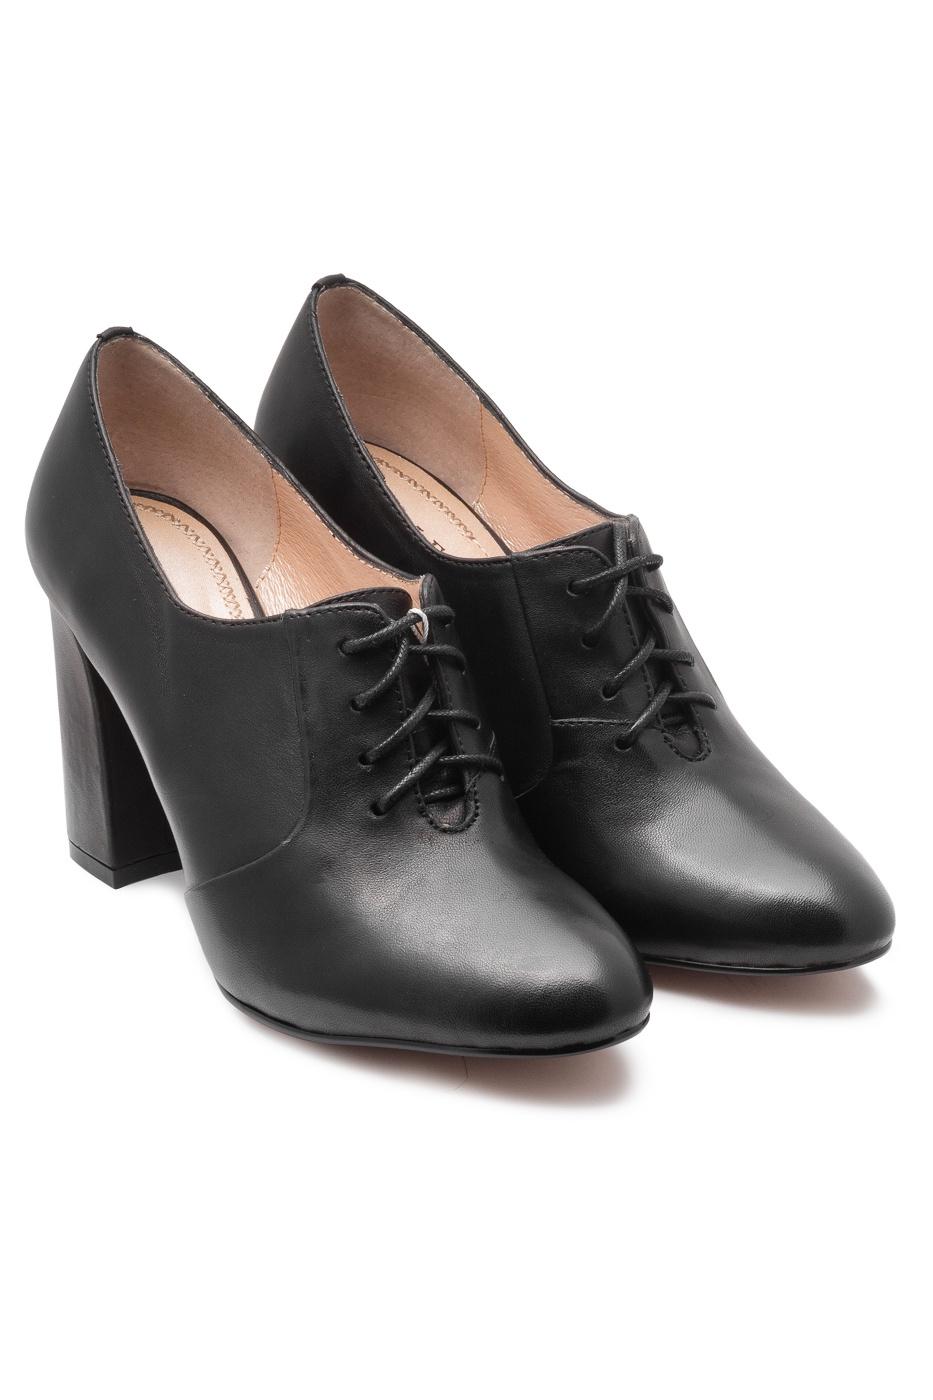 Туфли Valley кроссовки женские evashoes цвет черный оранжевый sks 39 1 размер 38